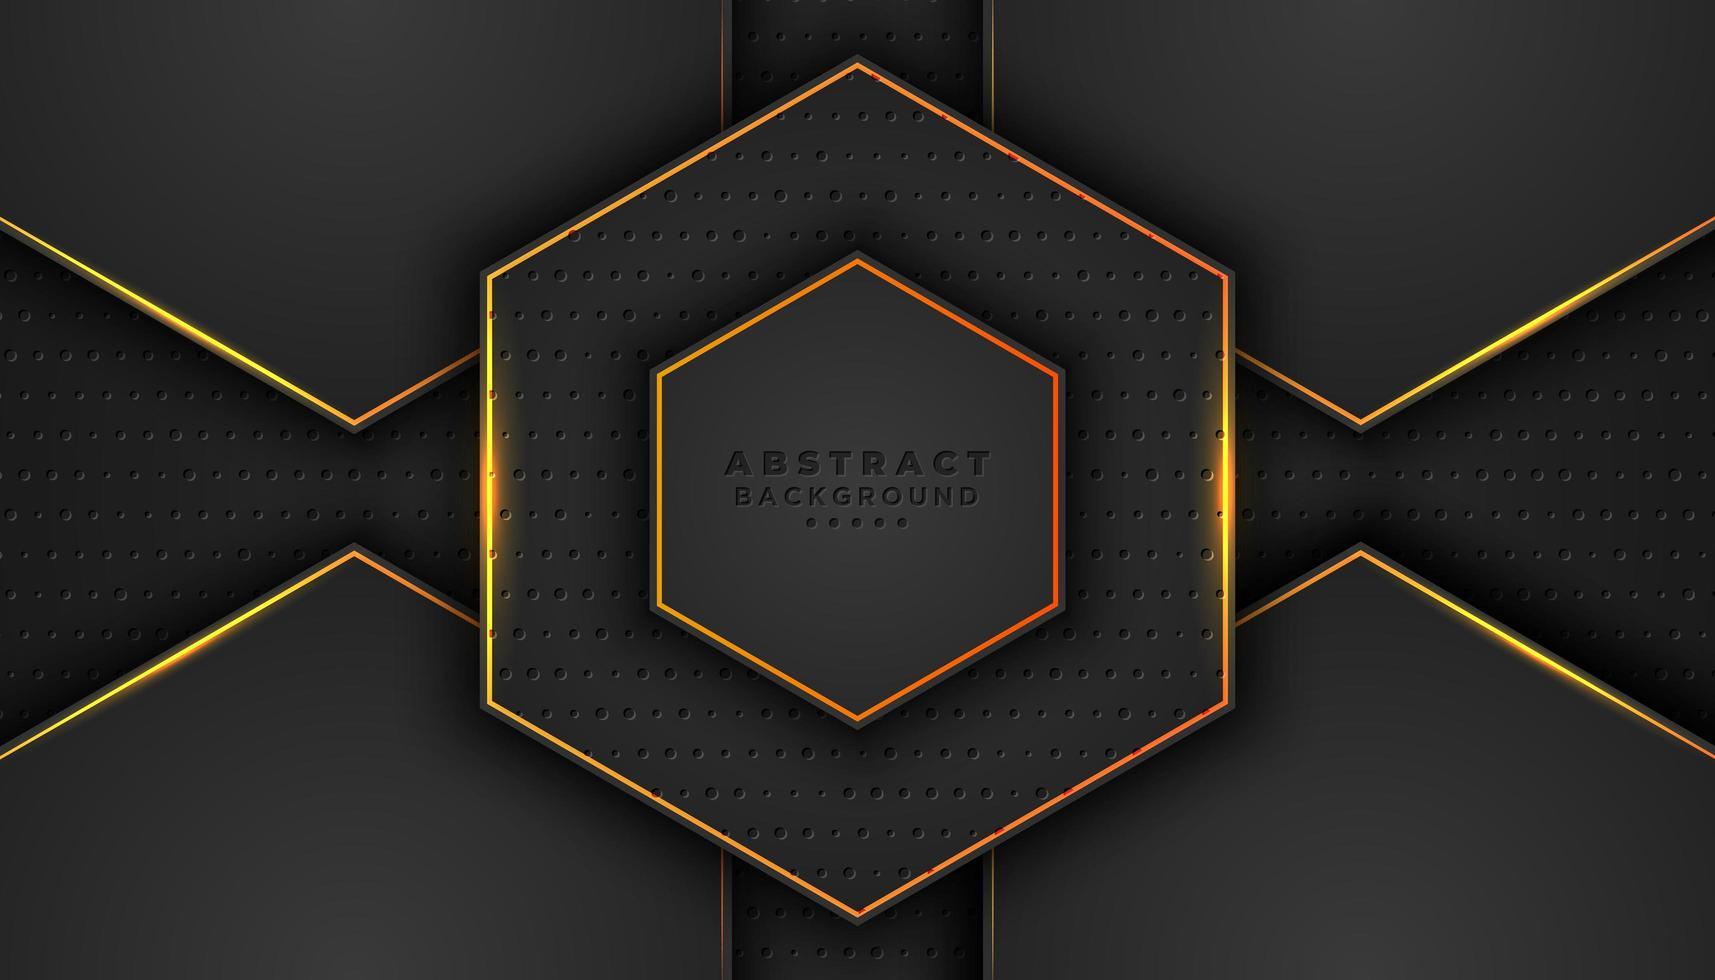 mörk 3d hexagon bakgrund med orange konturer vektor